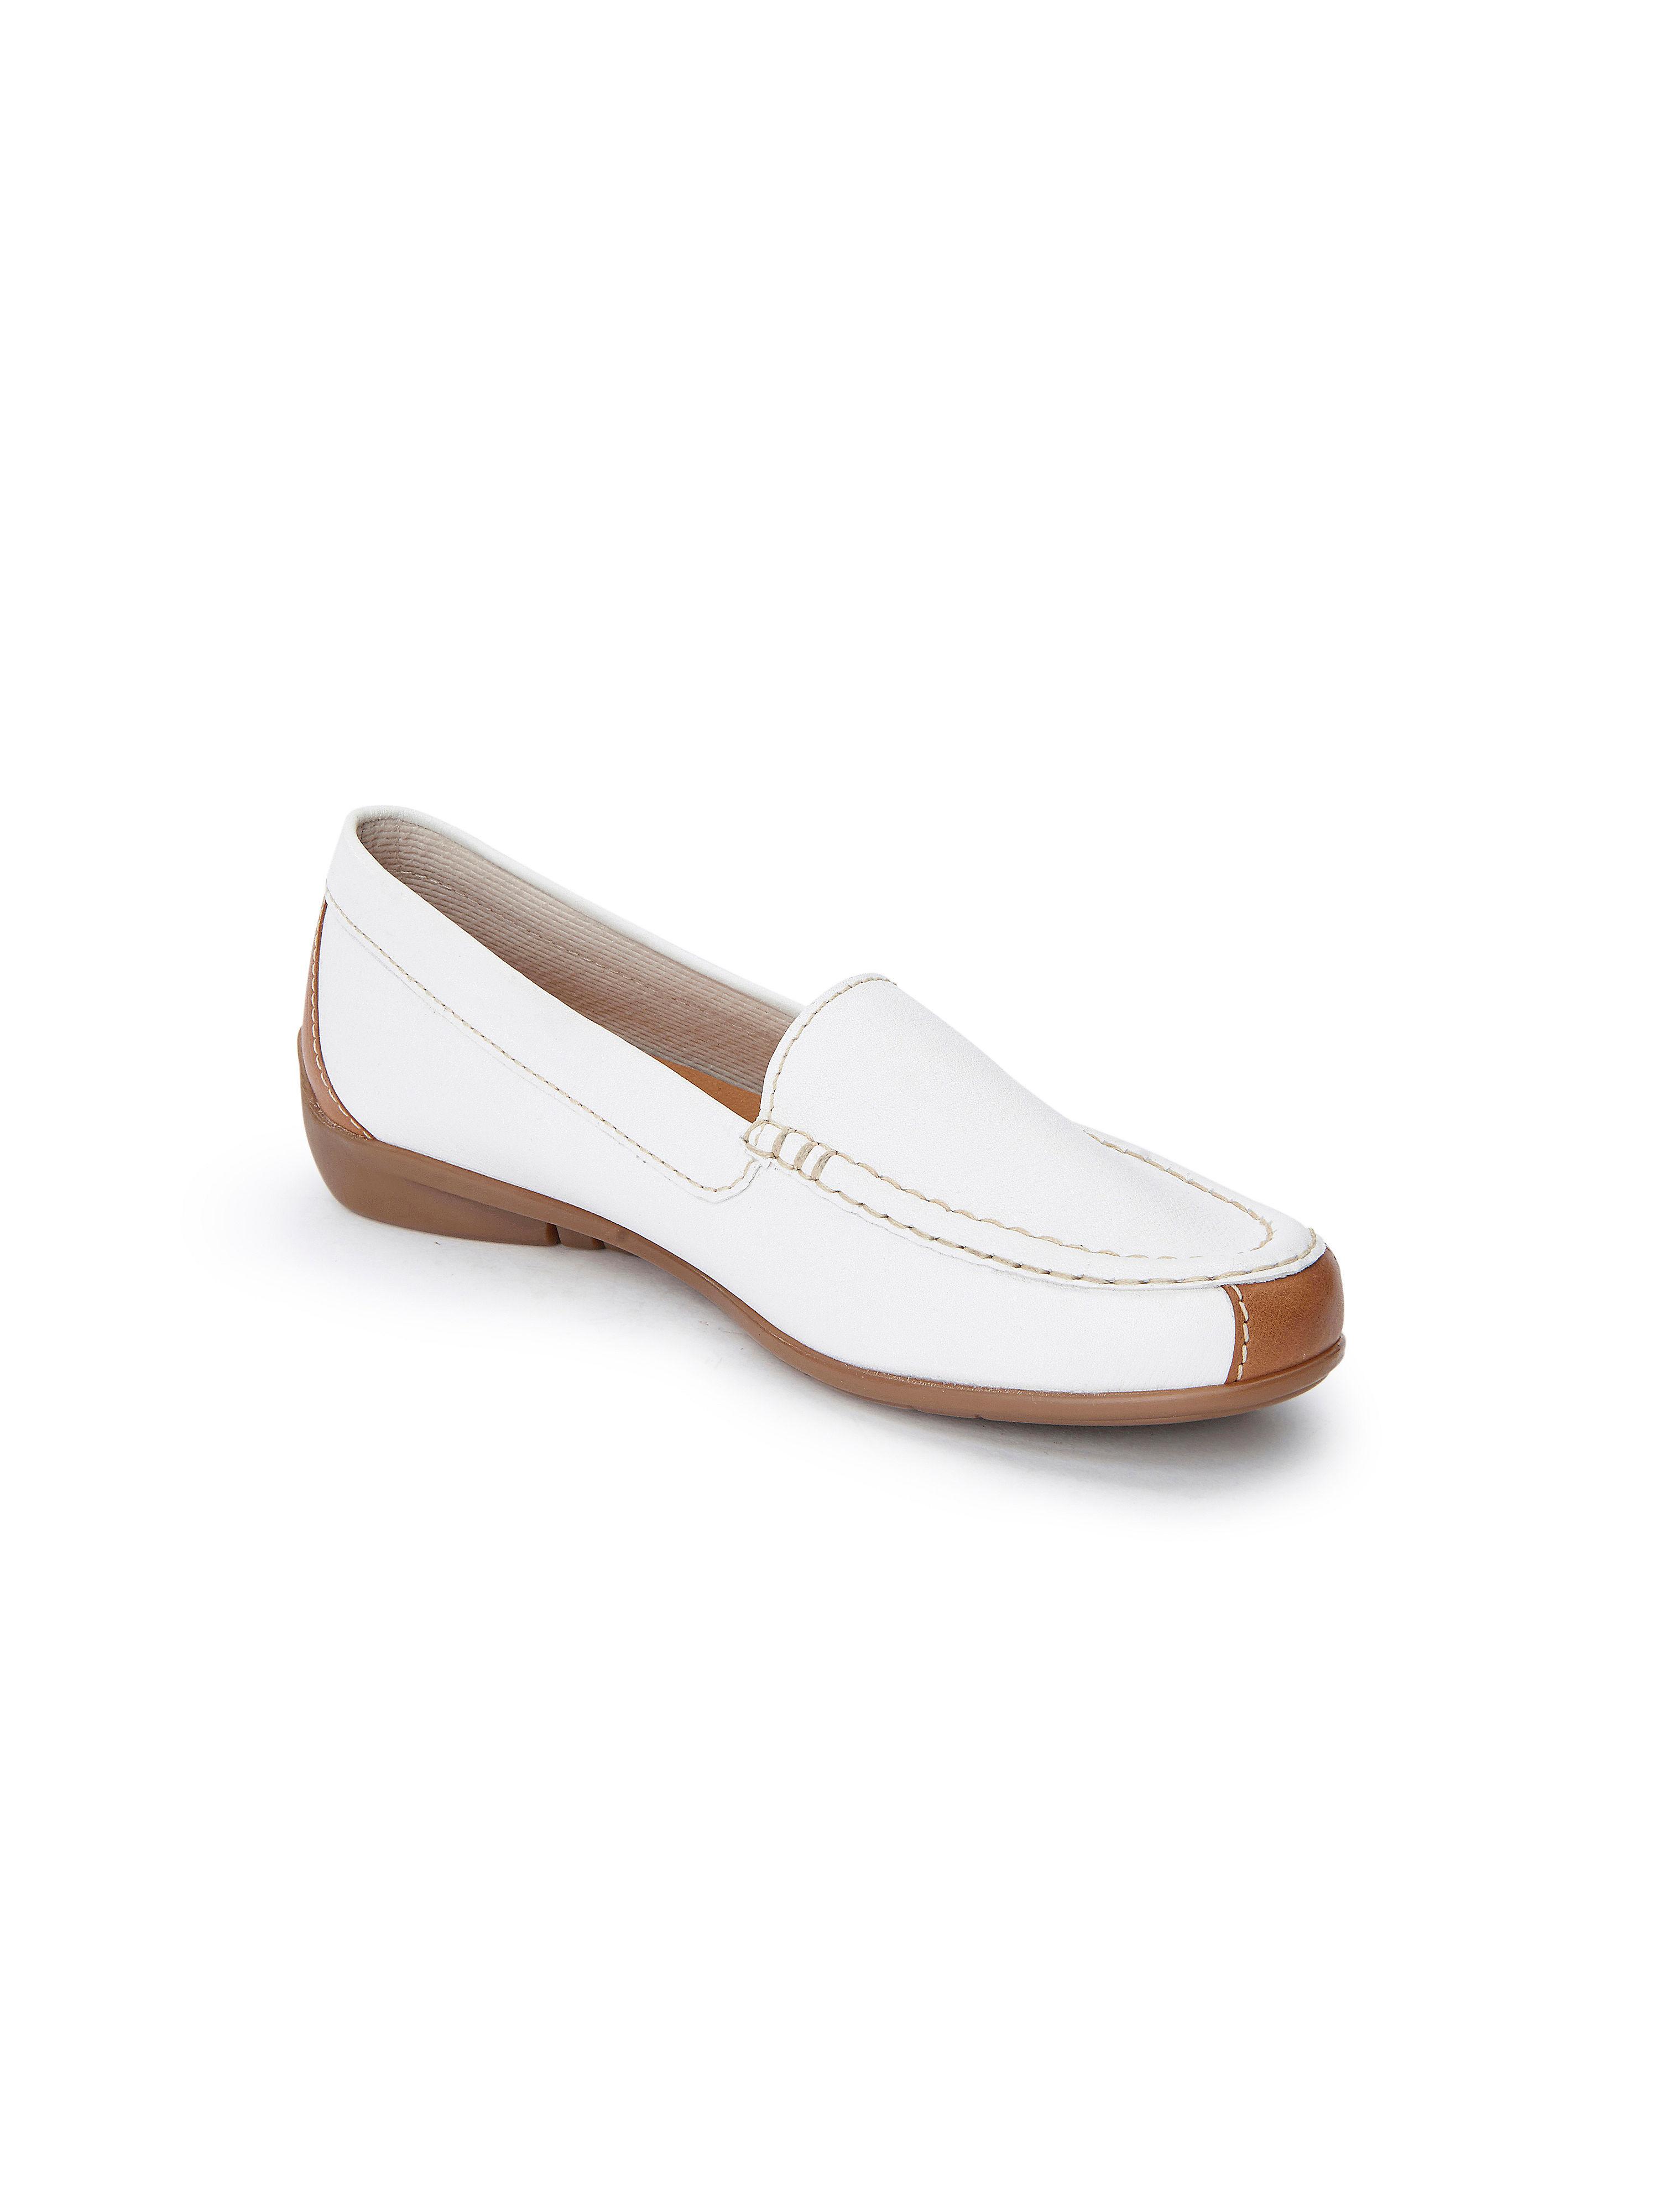 Gabor - Slipper - Weiß Gute Qualität beliebte Schuhe